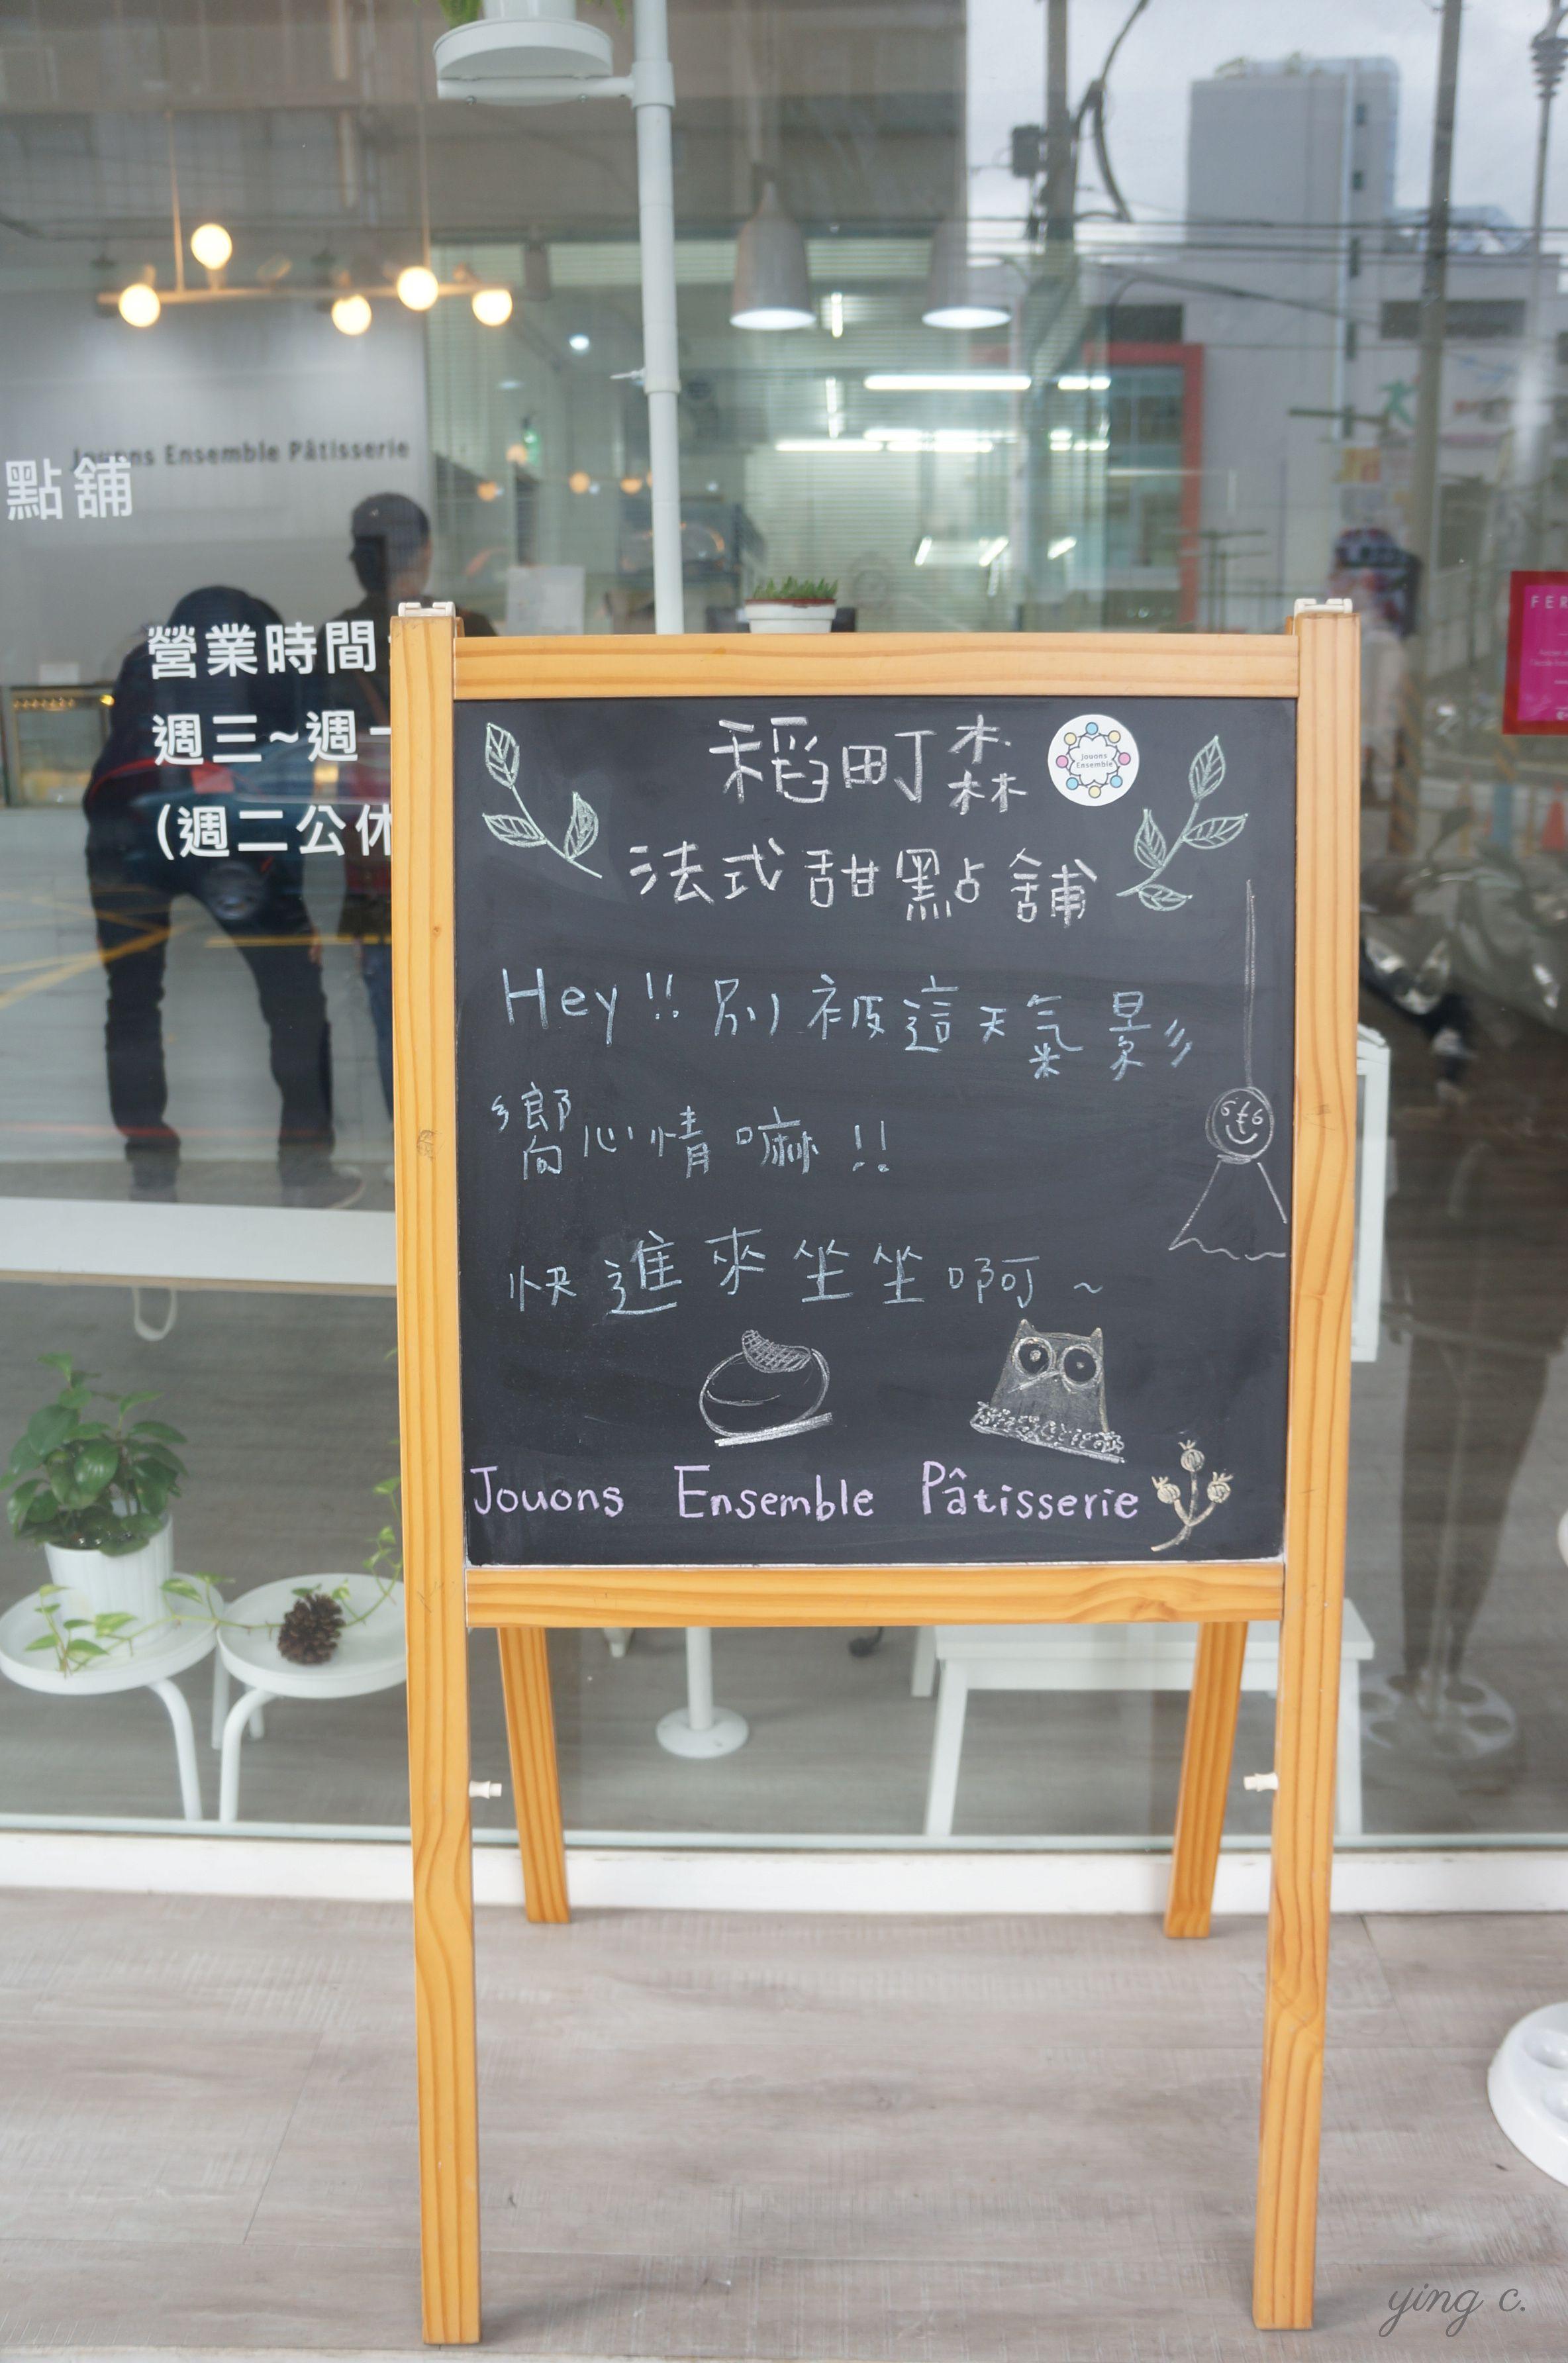 店門口的小黑板非常活潑生動地表現了稻町森充滿玩心的歡樂性格。